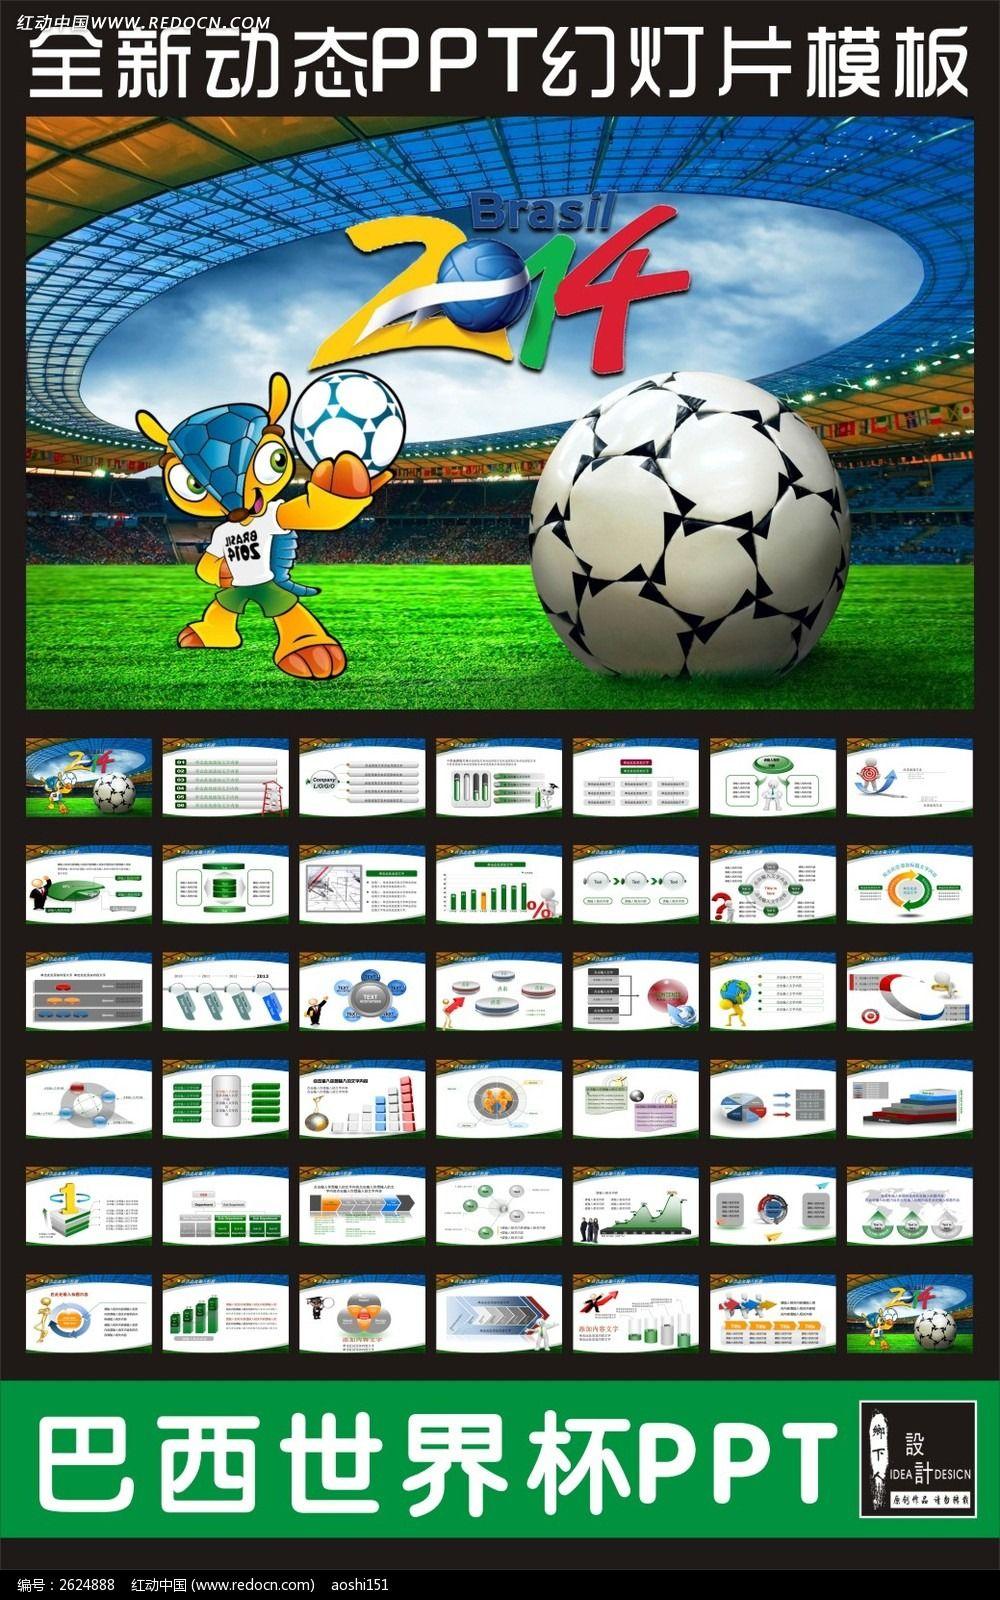 2014巴西世界杯PPT图片